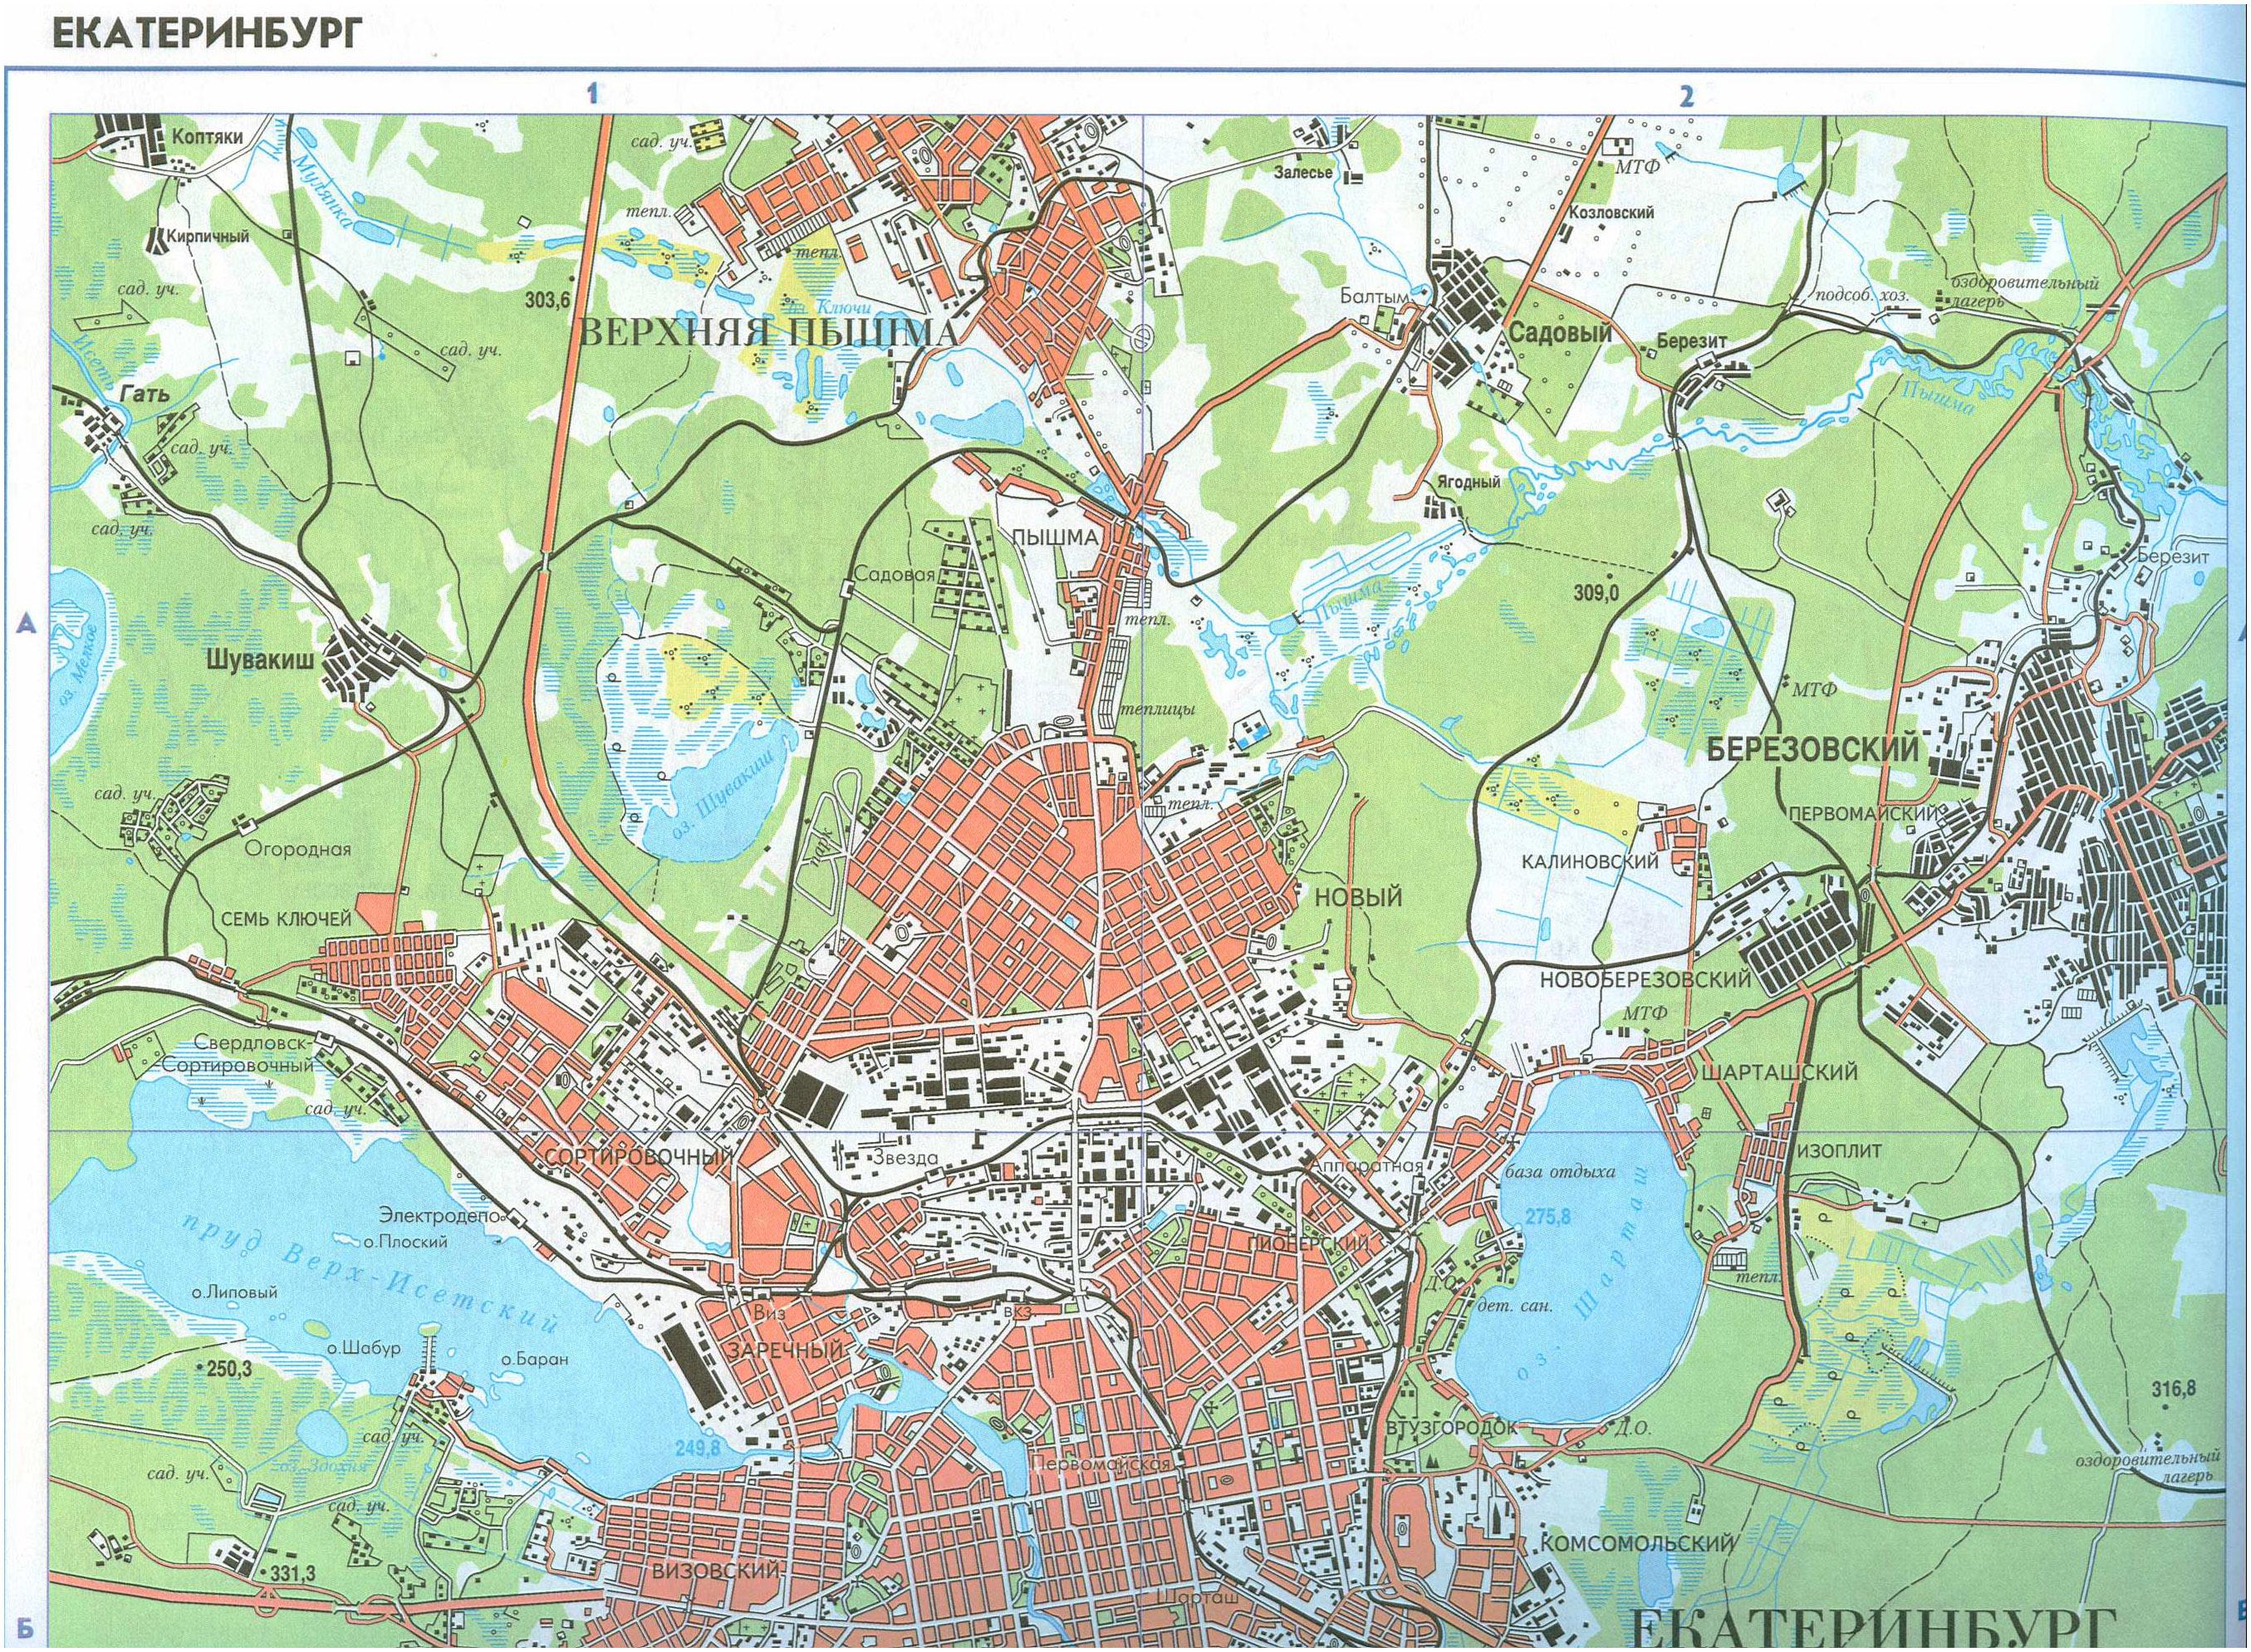 Подробная карта схема г Екатеринбург с пригородами.